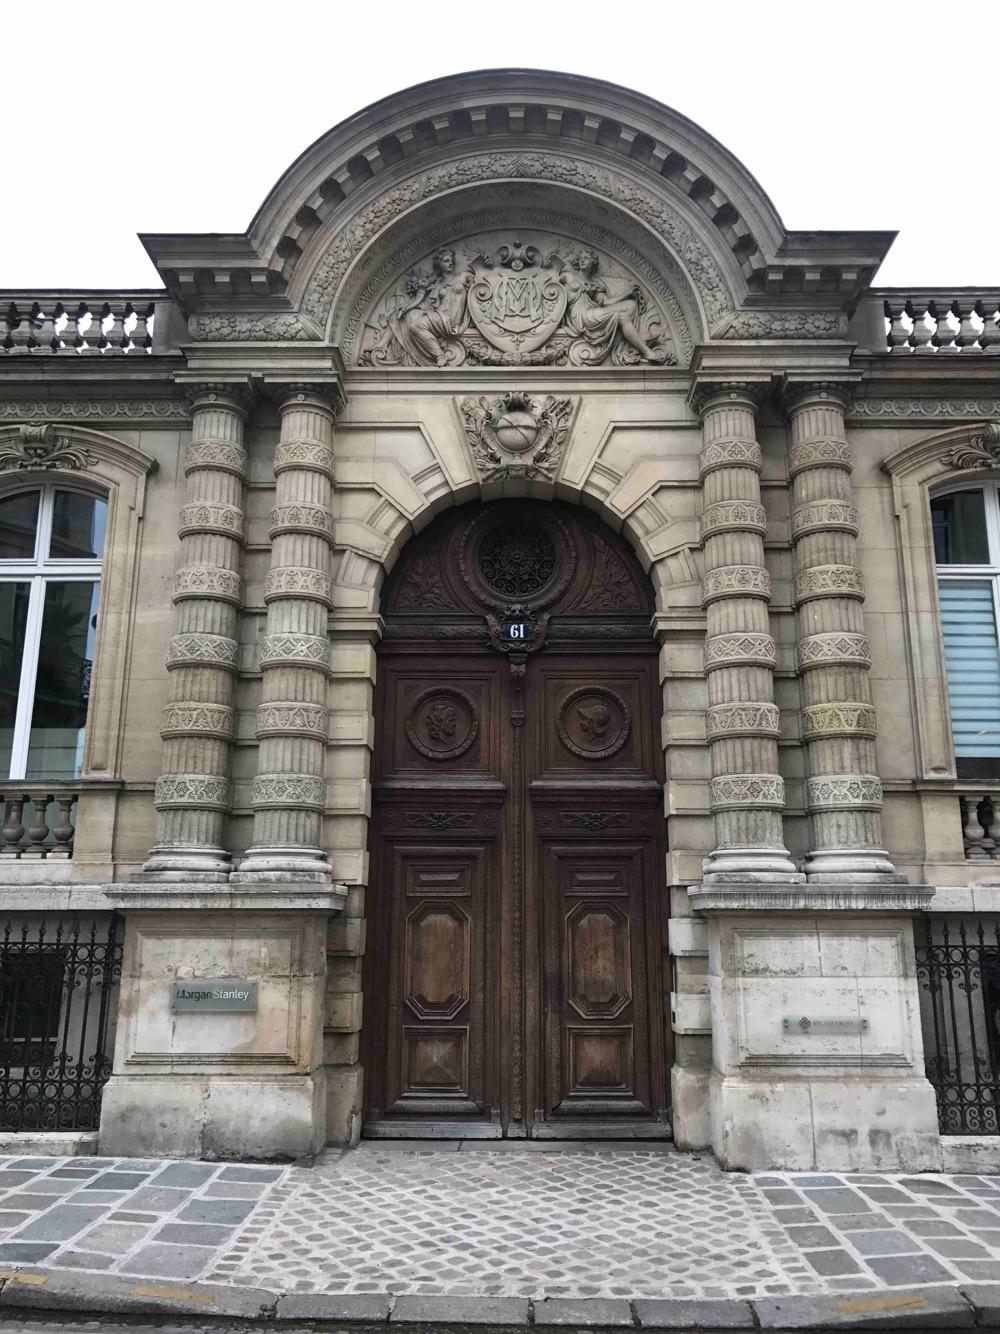 61 Rue Monceau